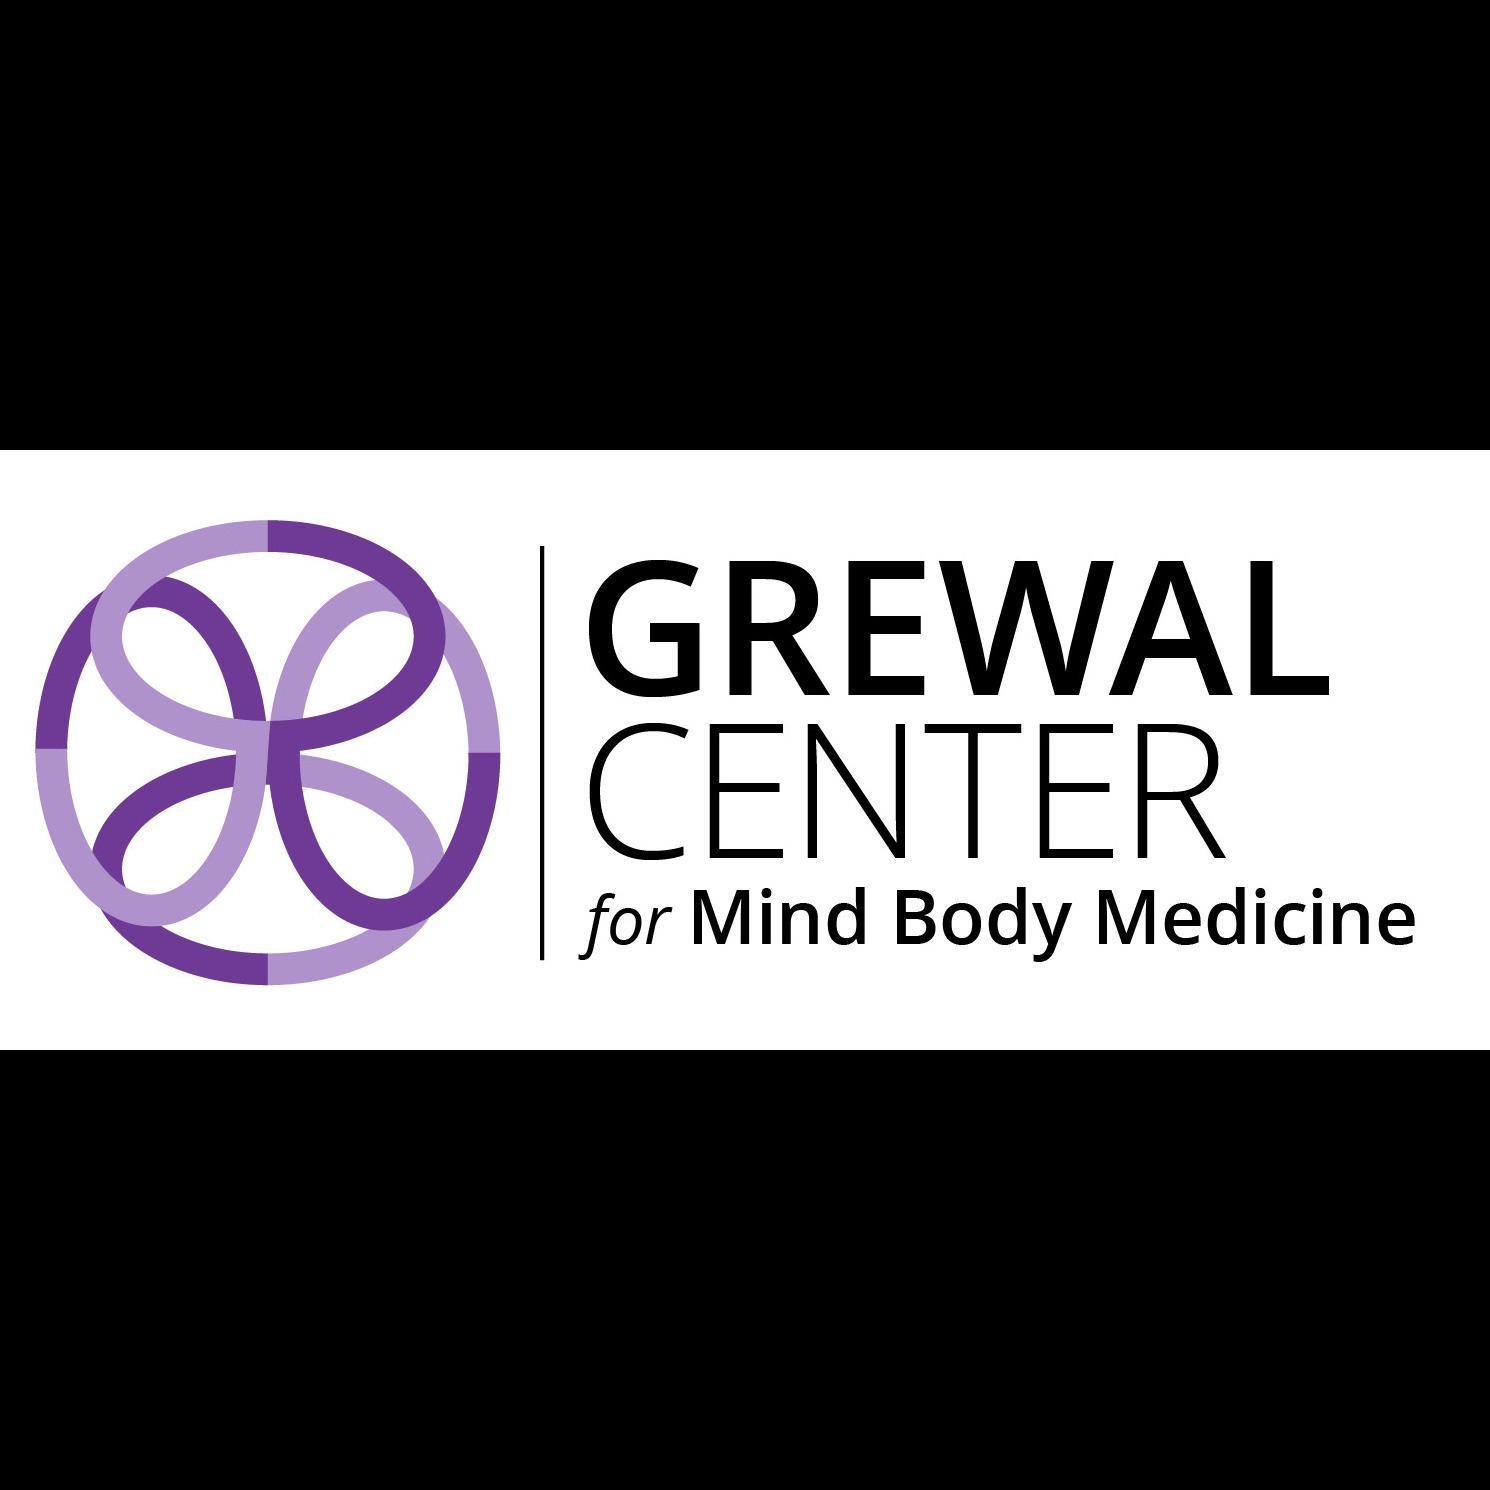 Grewal Center For Mind Body Medicine